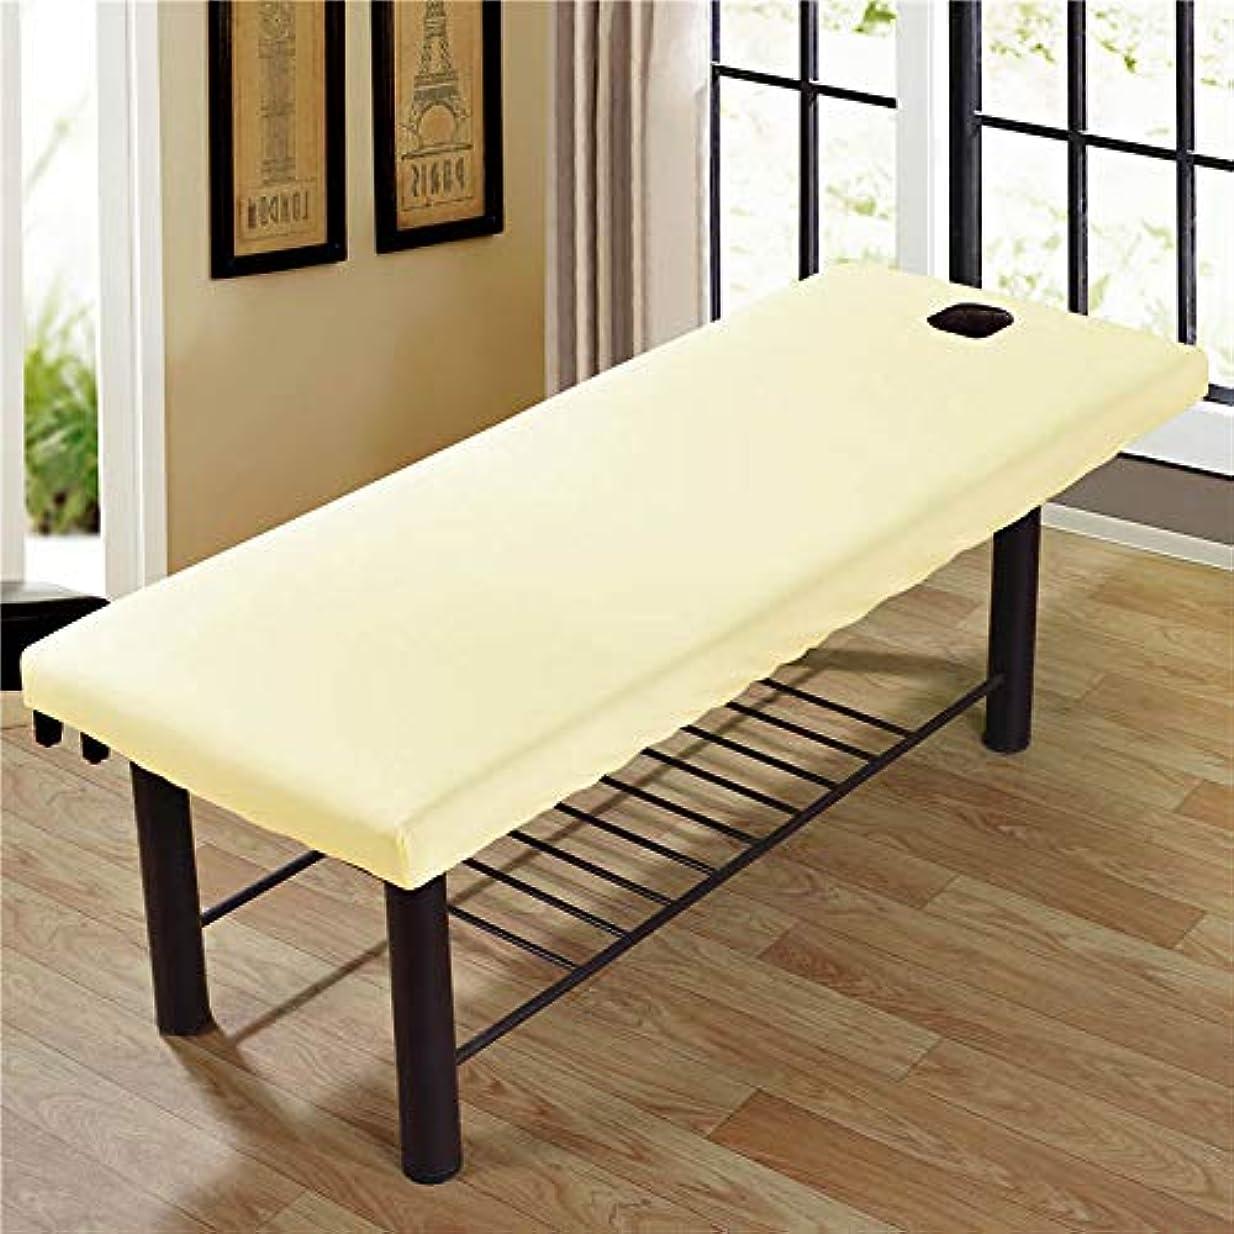 ケニア大人八百屋Aylincool 美容院のマッサージ療法のベッドのための柔らかいSoliod色の長方形のマットレス